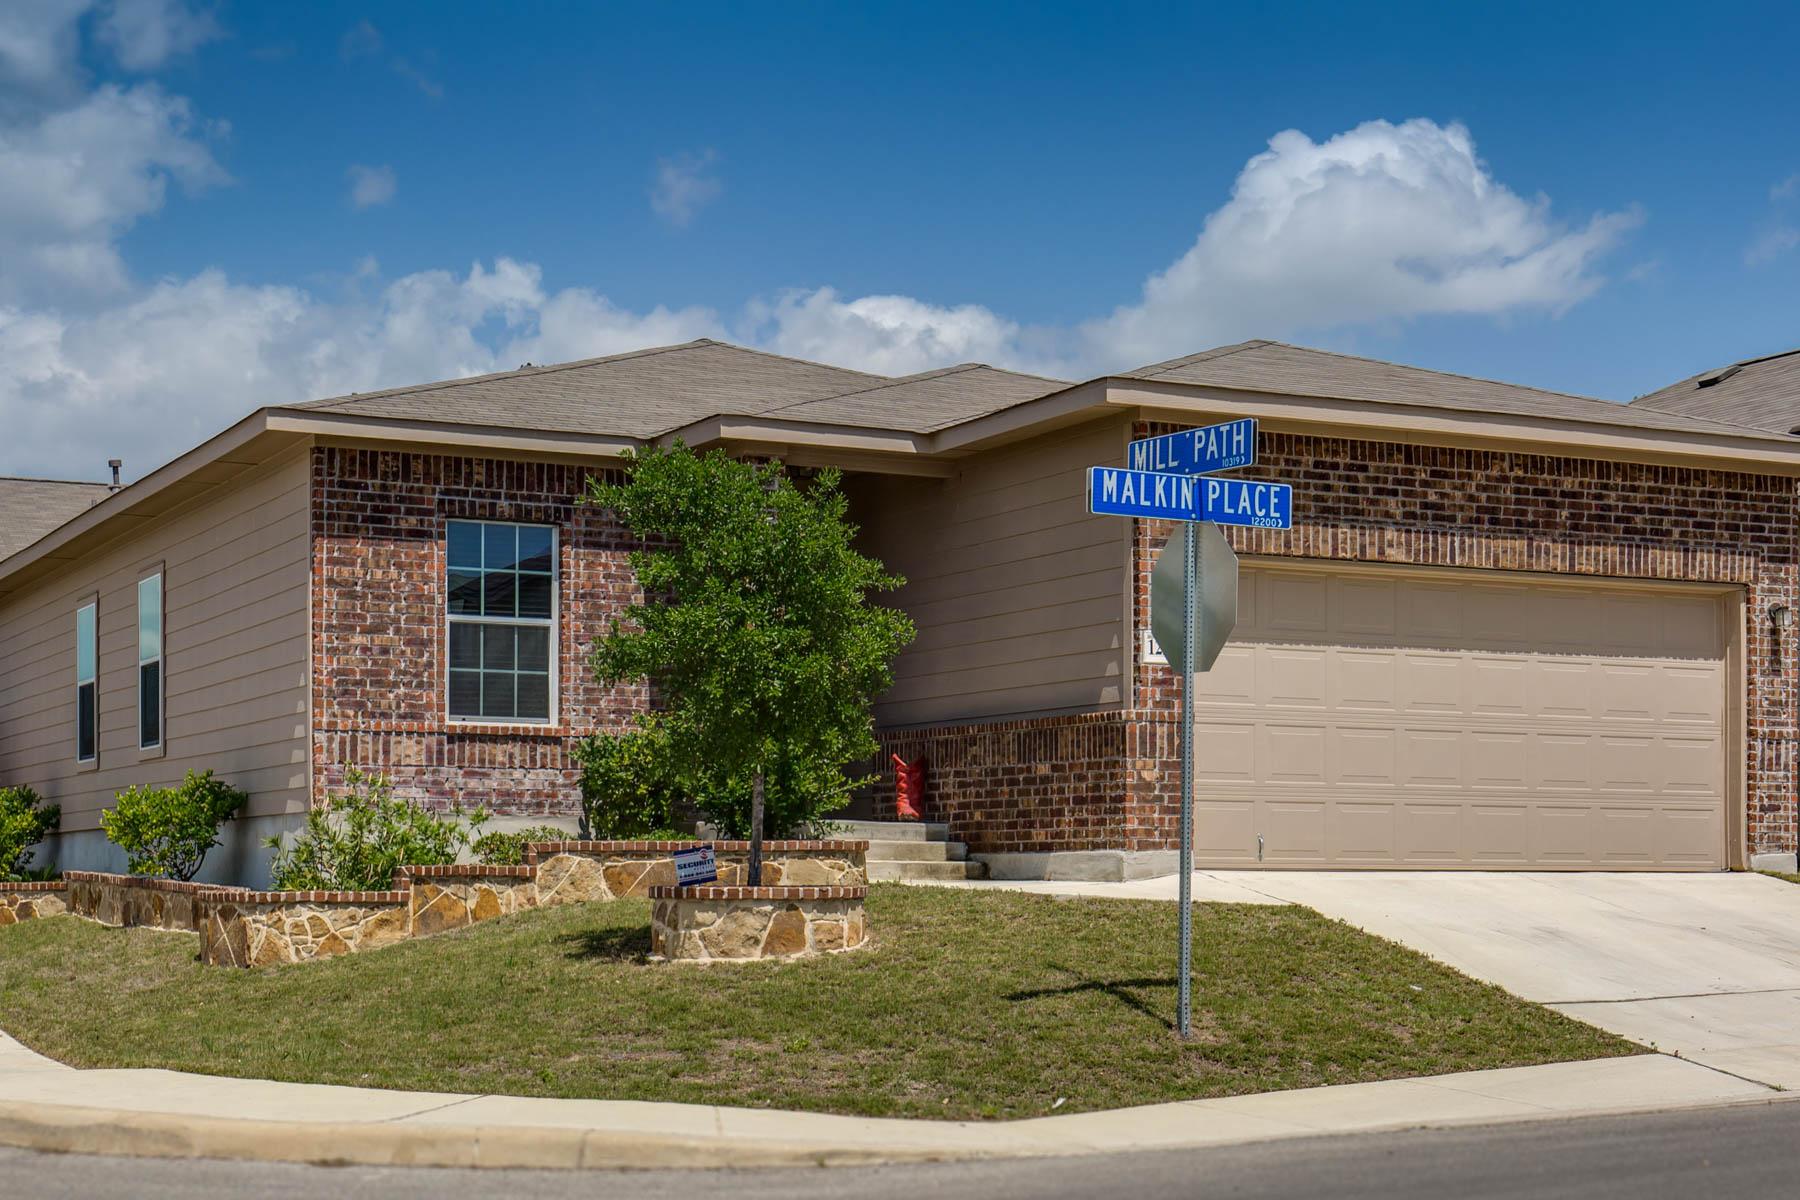 独户住宅 为 销售 在 1-Story Brick Home in Laura Heights 12239 Malkin Pl 圣安东尼奥, 得克萨斯州, 78254 美国